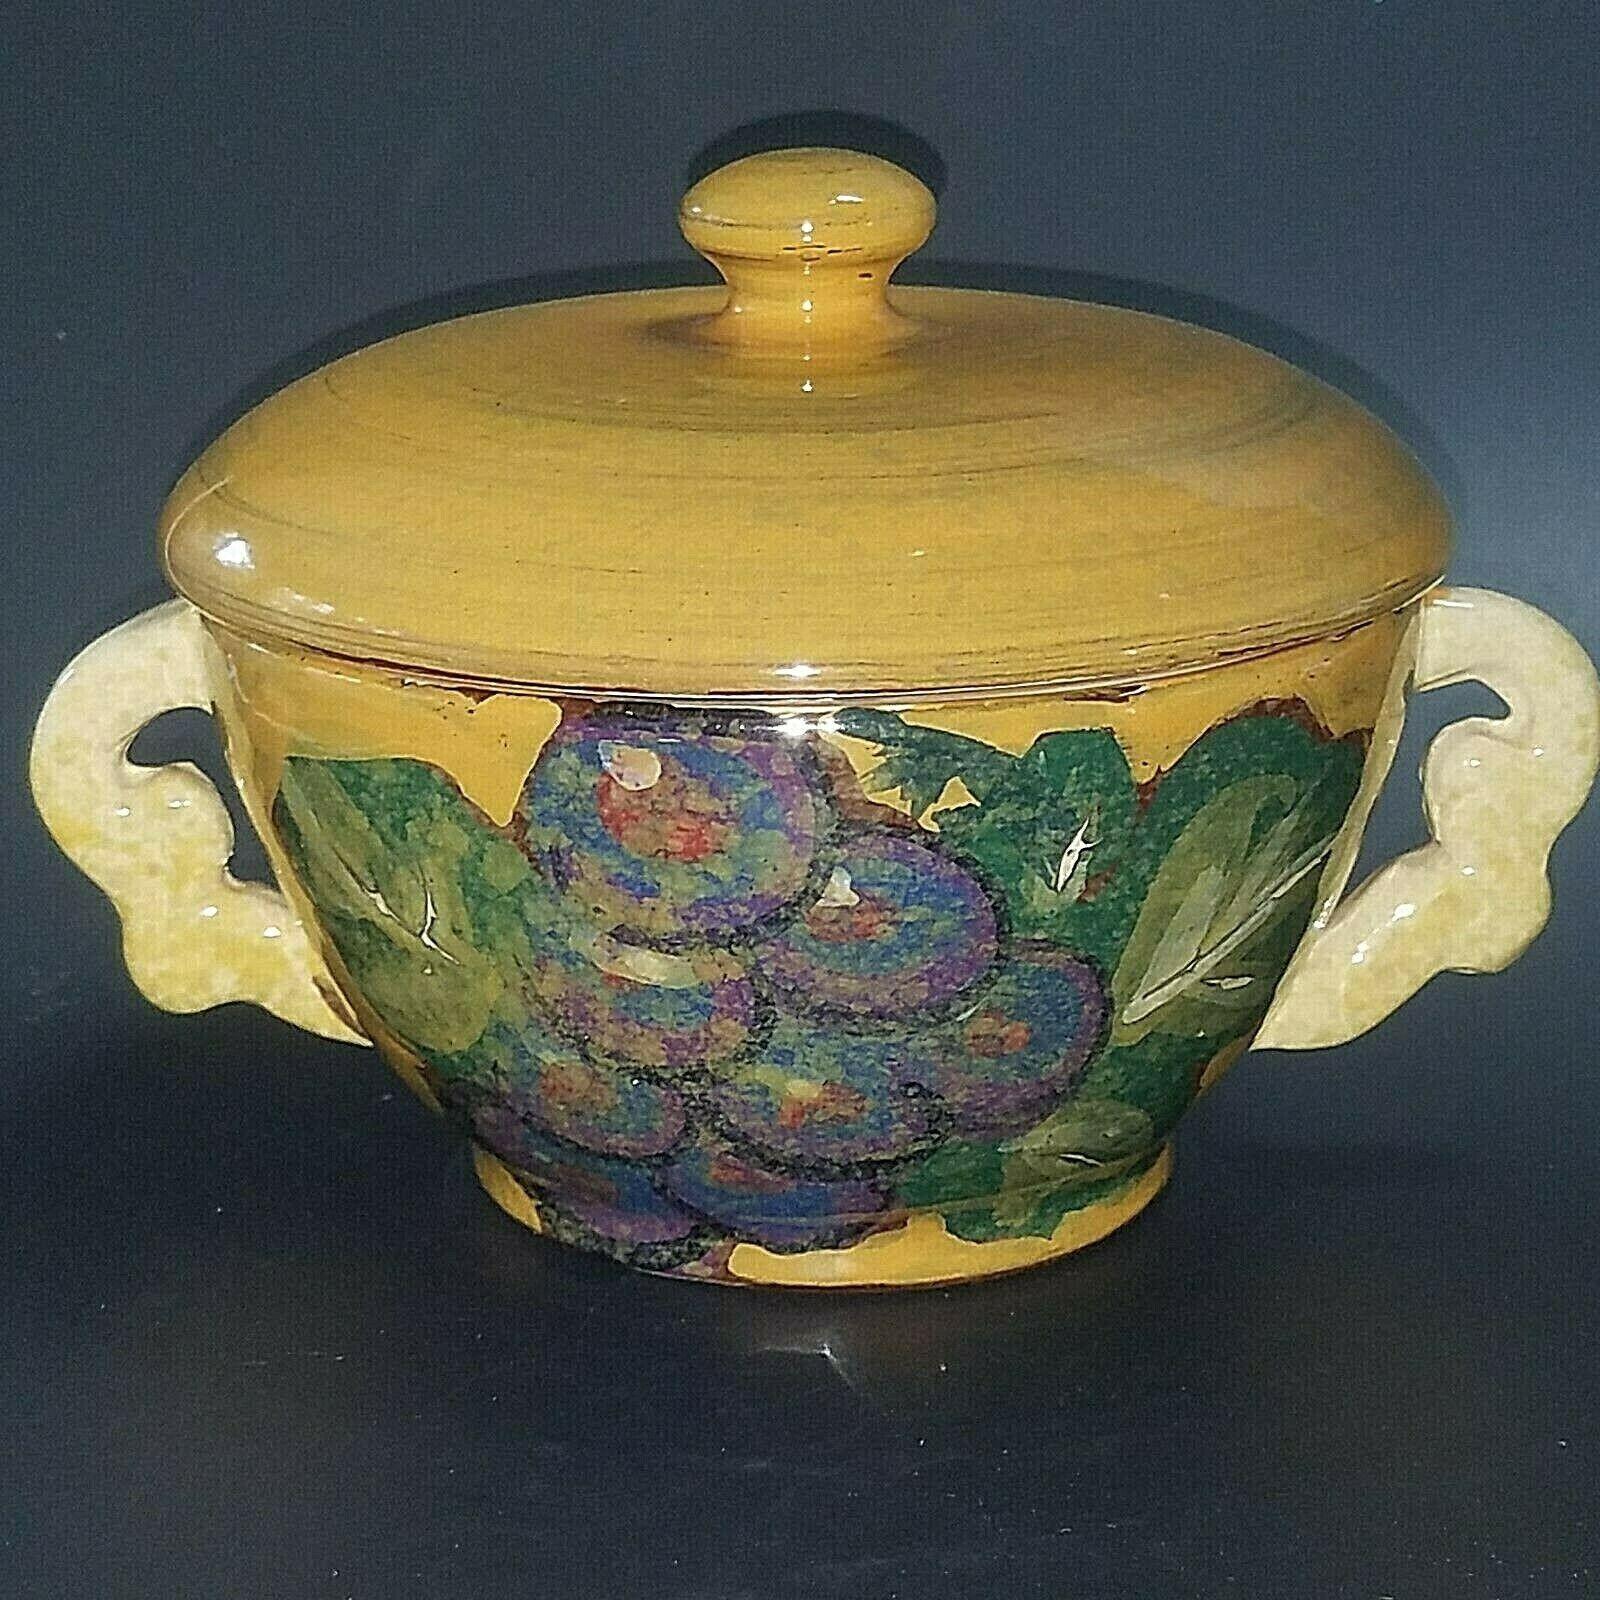 Italian ceramic Arte Italica fruits Serving Bowl & couvercle peint à la main fabriqué en Italie